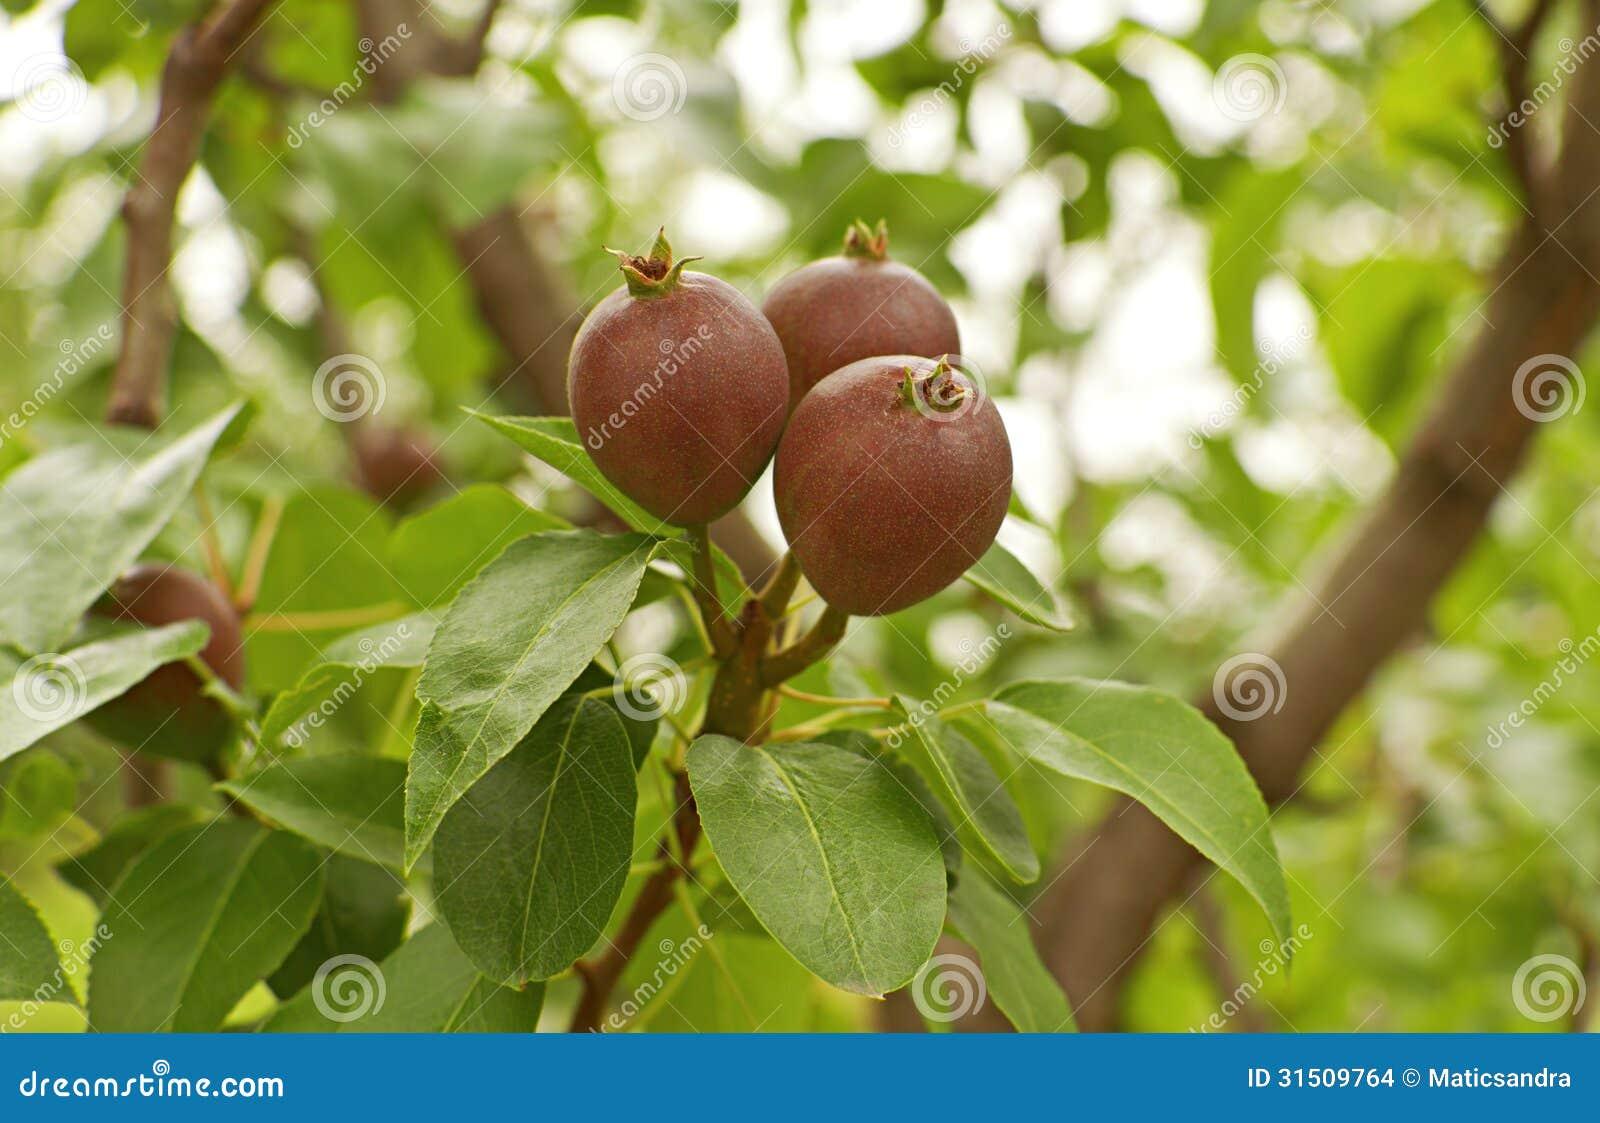 how to grow korean pears